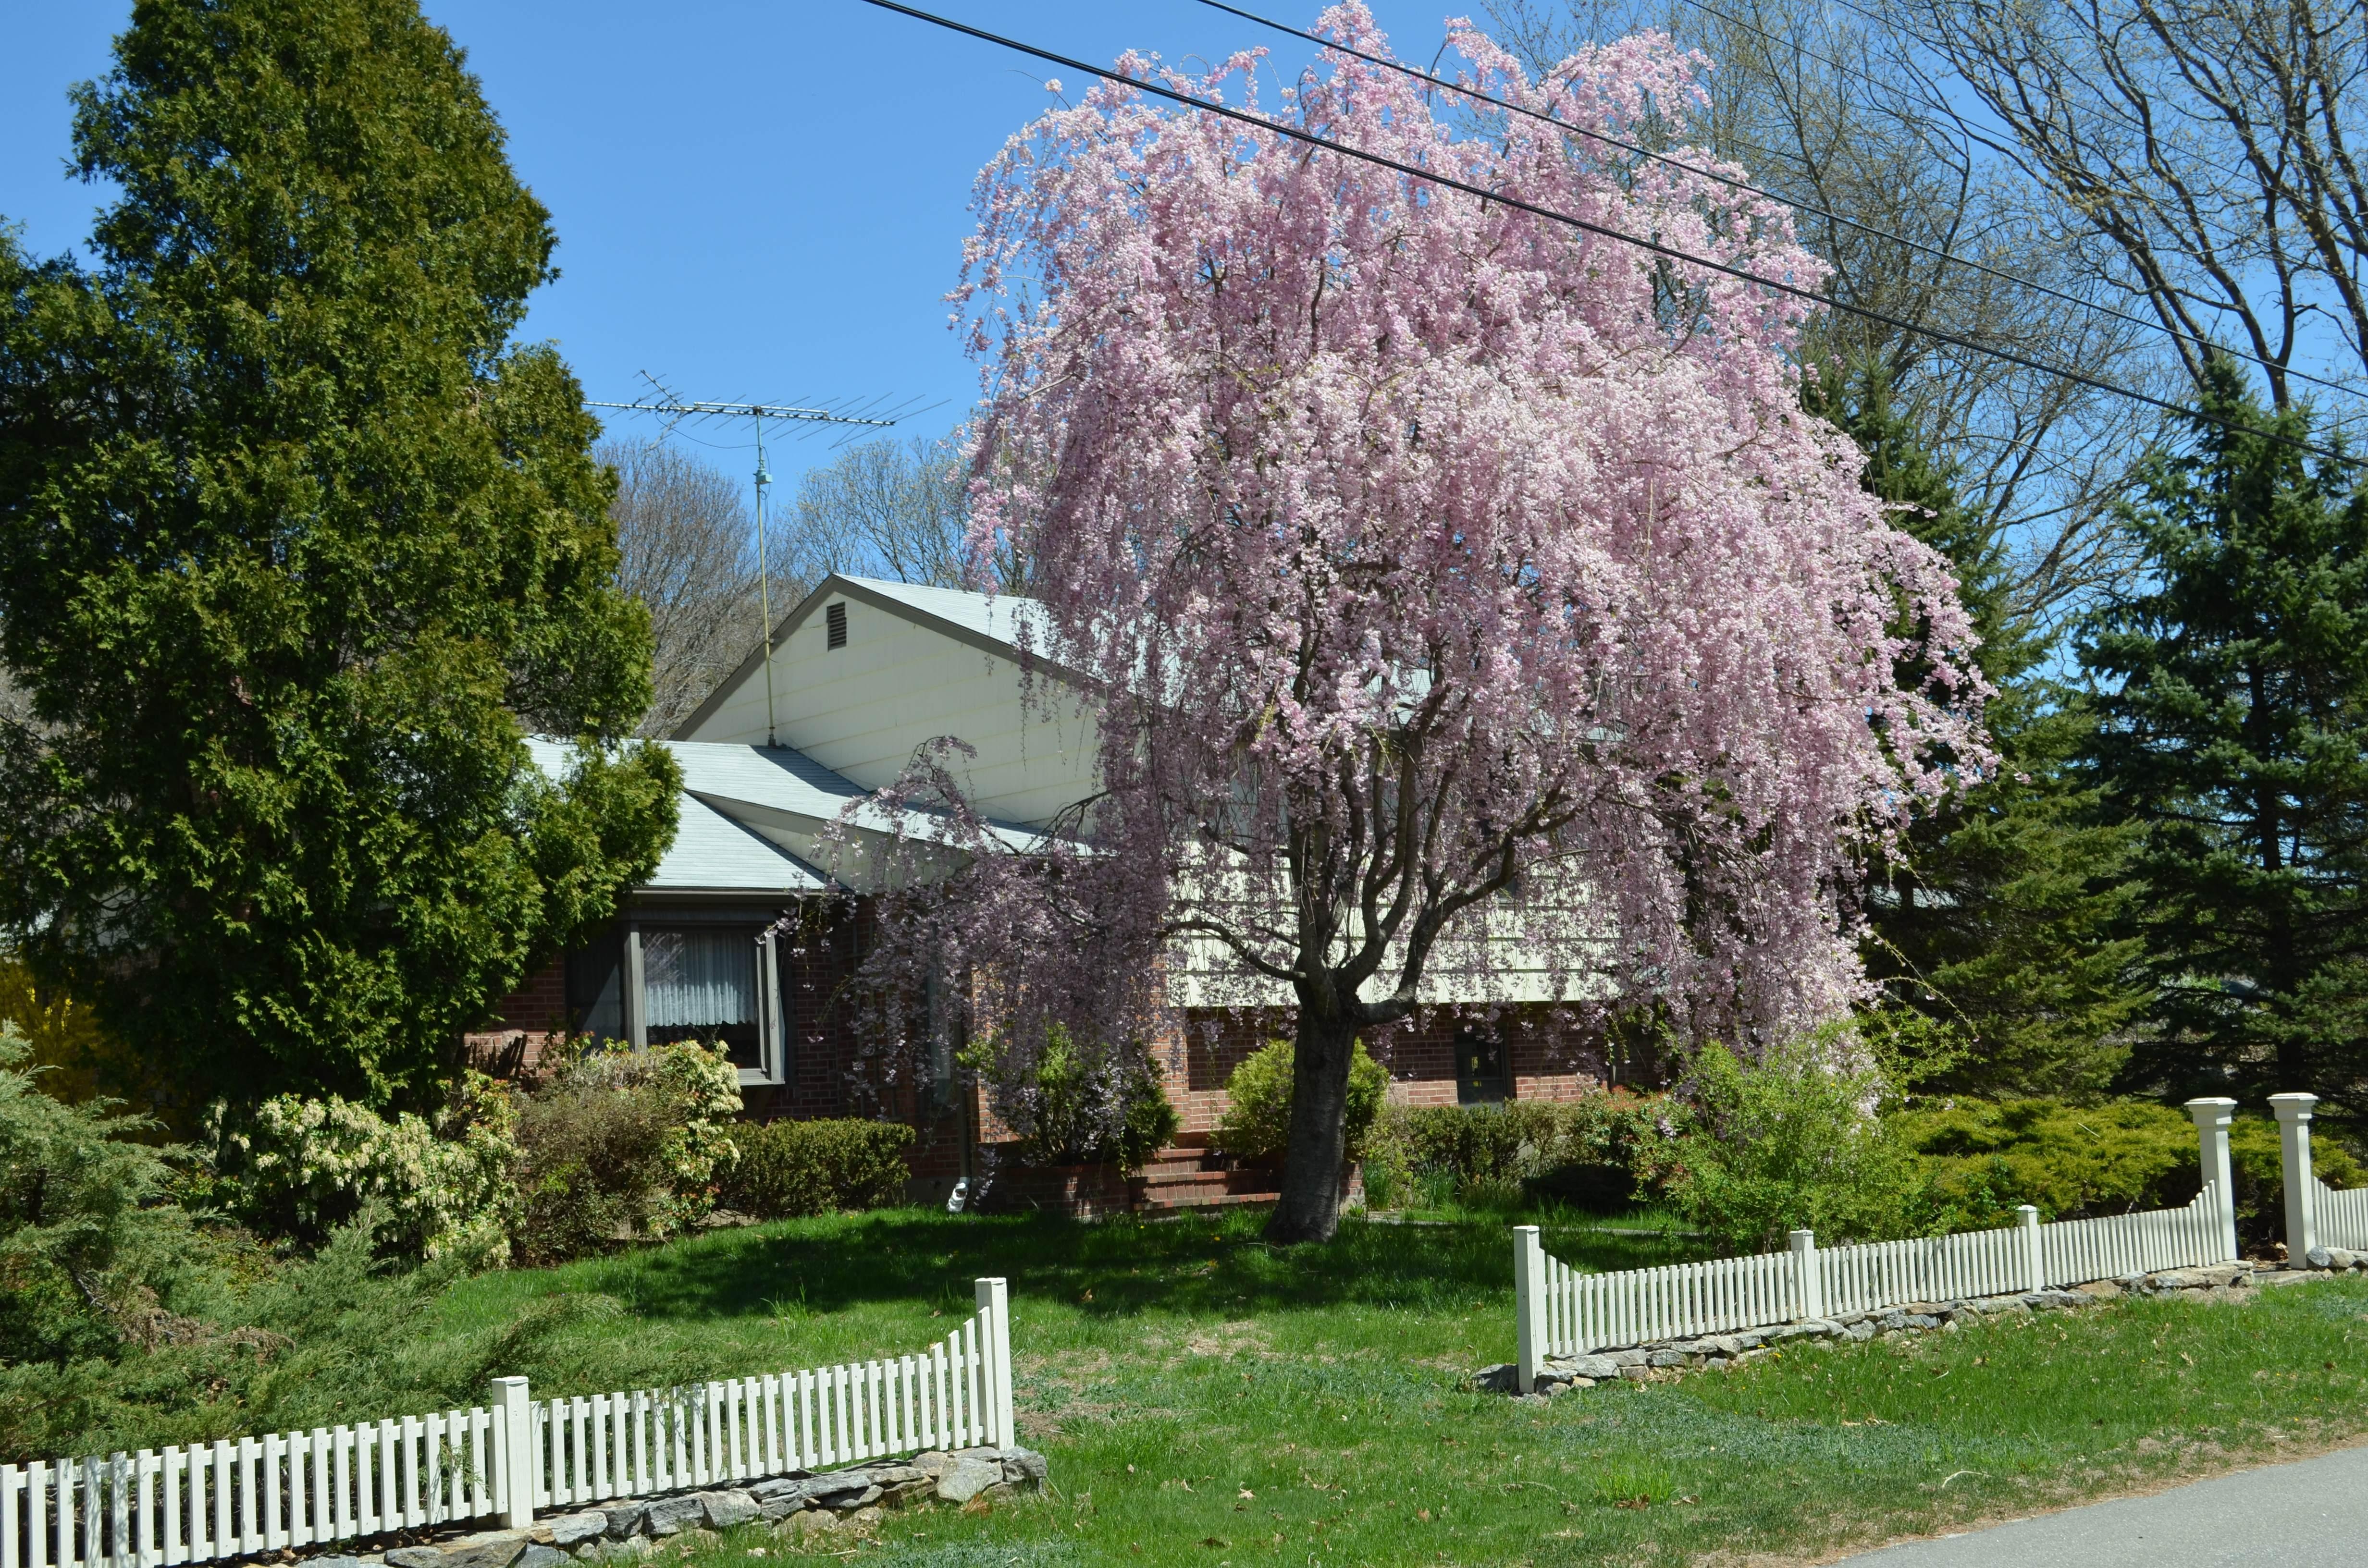 独户住宅 为 销售 在 6 Ridge Drive South 旧赛布鲁克, 康涅狄格州, 06475 美国